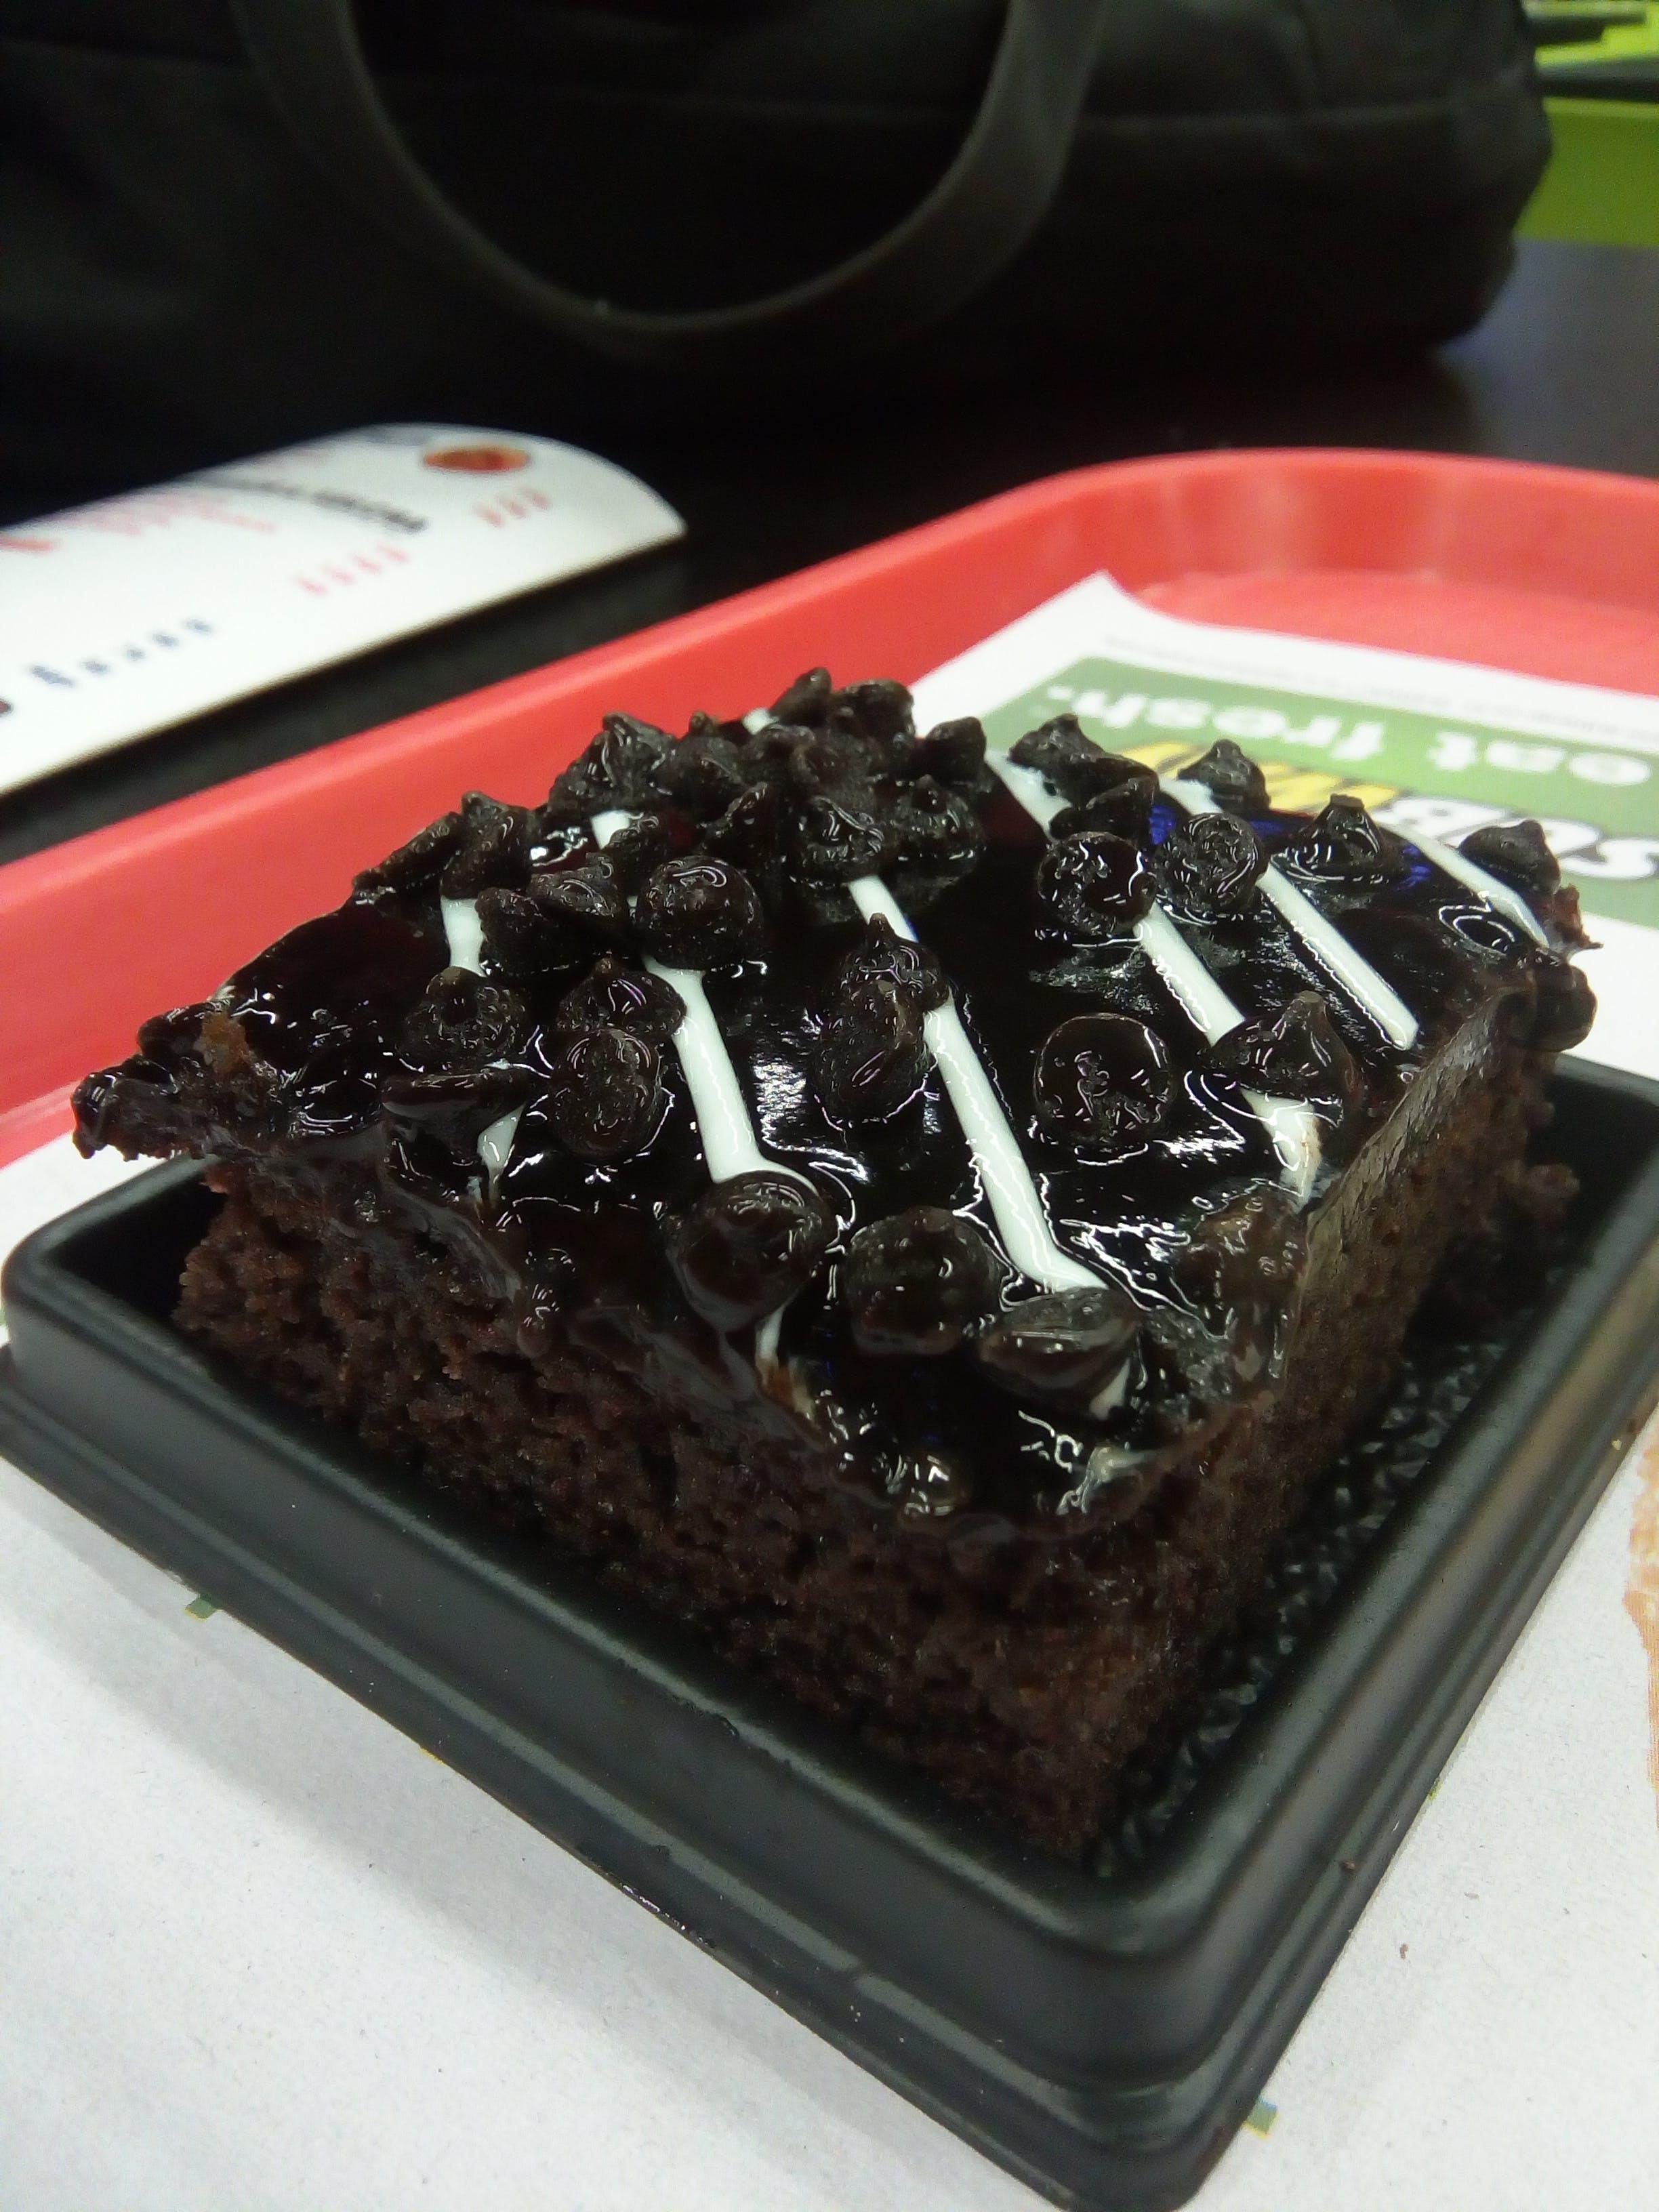 Free stock photo of birthday cake, cake, chocolate cake, chocolate cupcakes